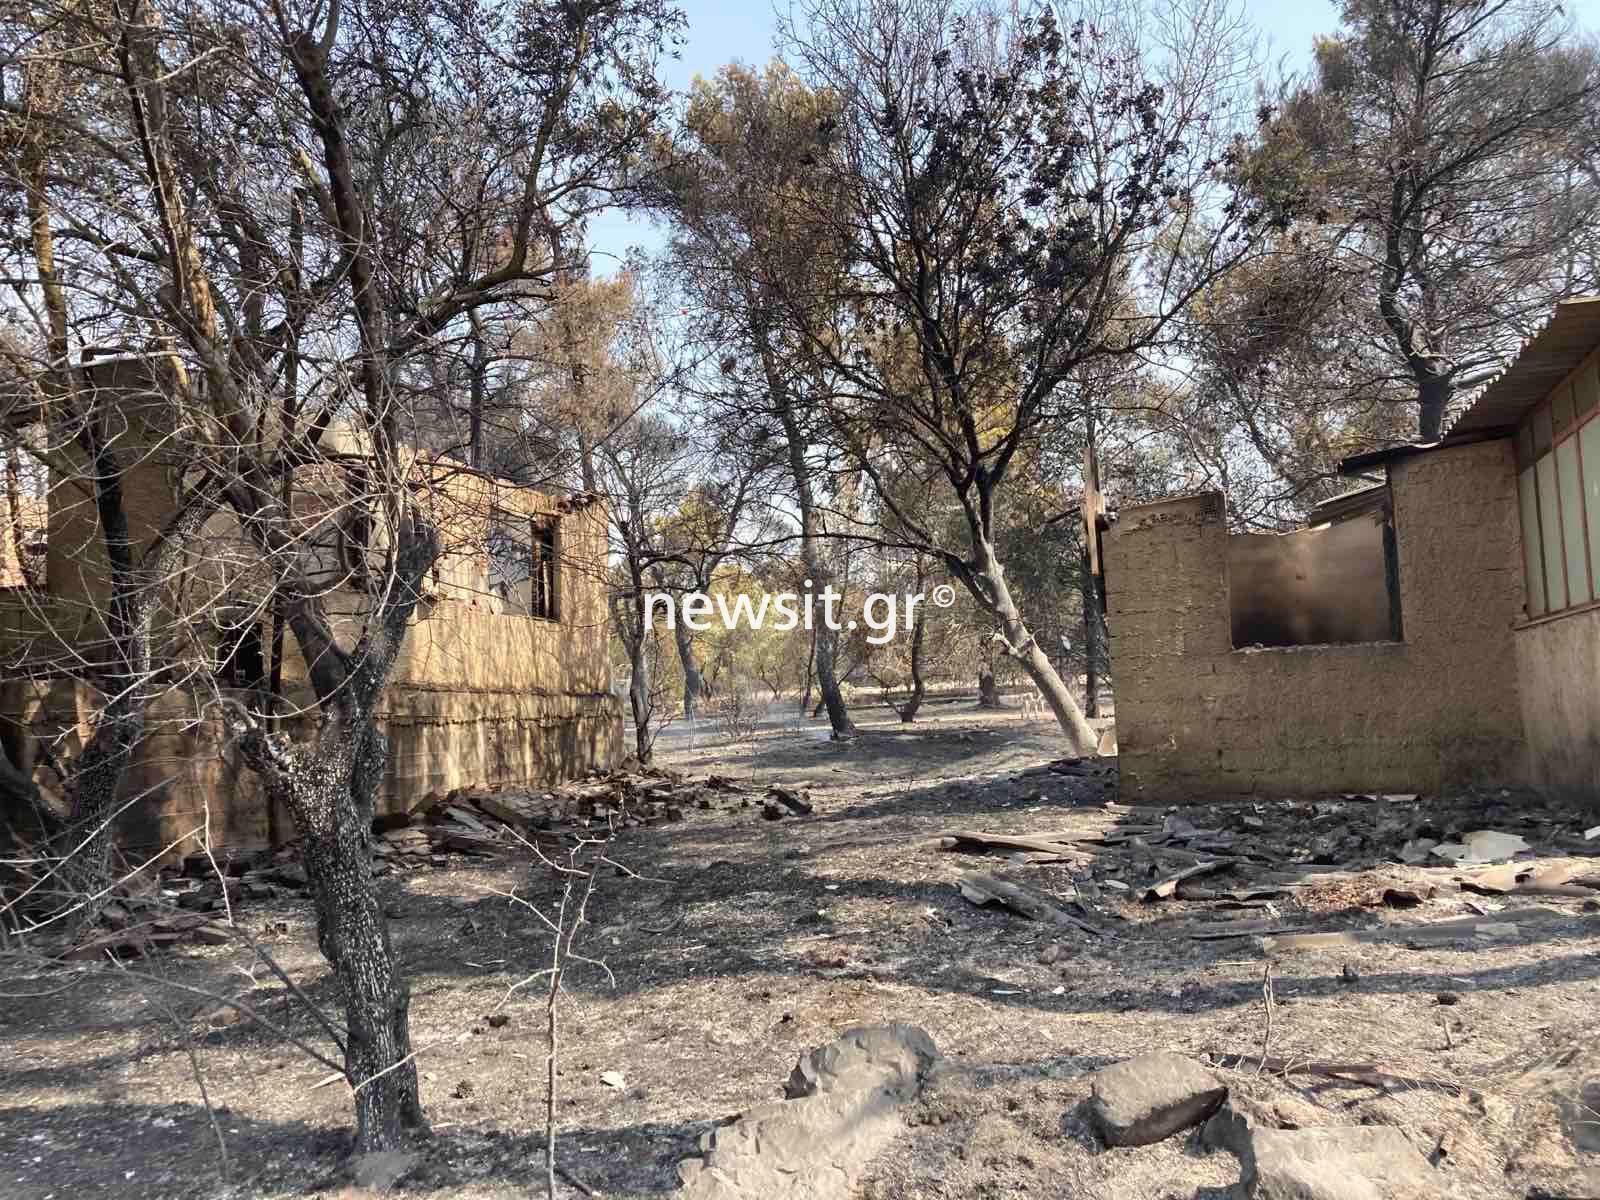 Φωτιά στην Βαρυμπόμπη: Αναζωπυρώσεις και βοήθεια και από τον στρατό